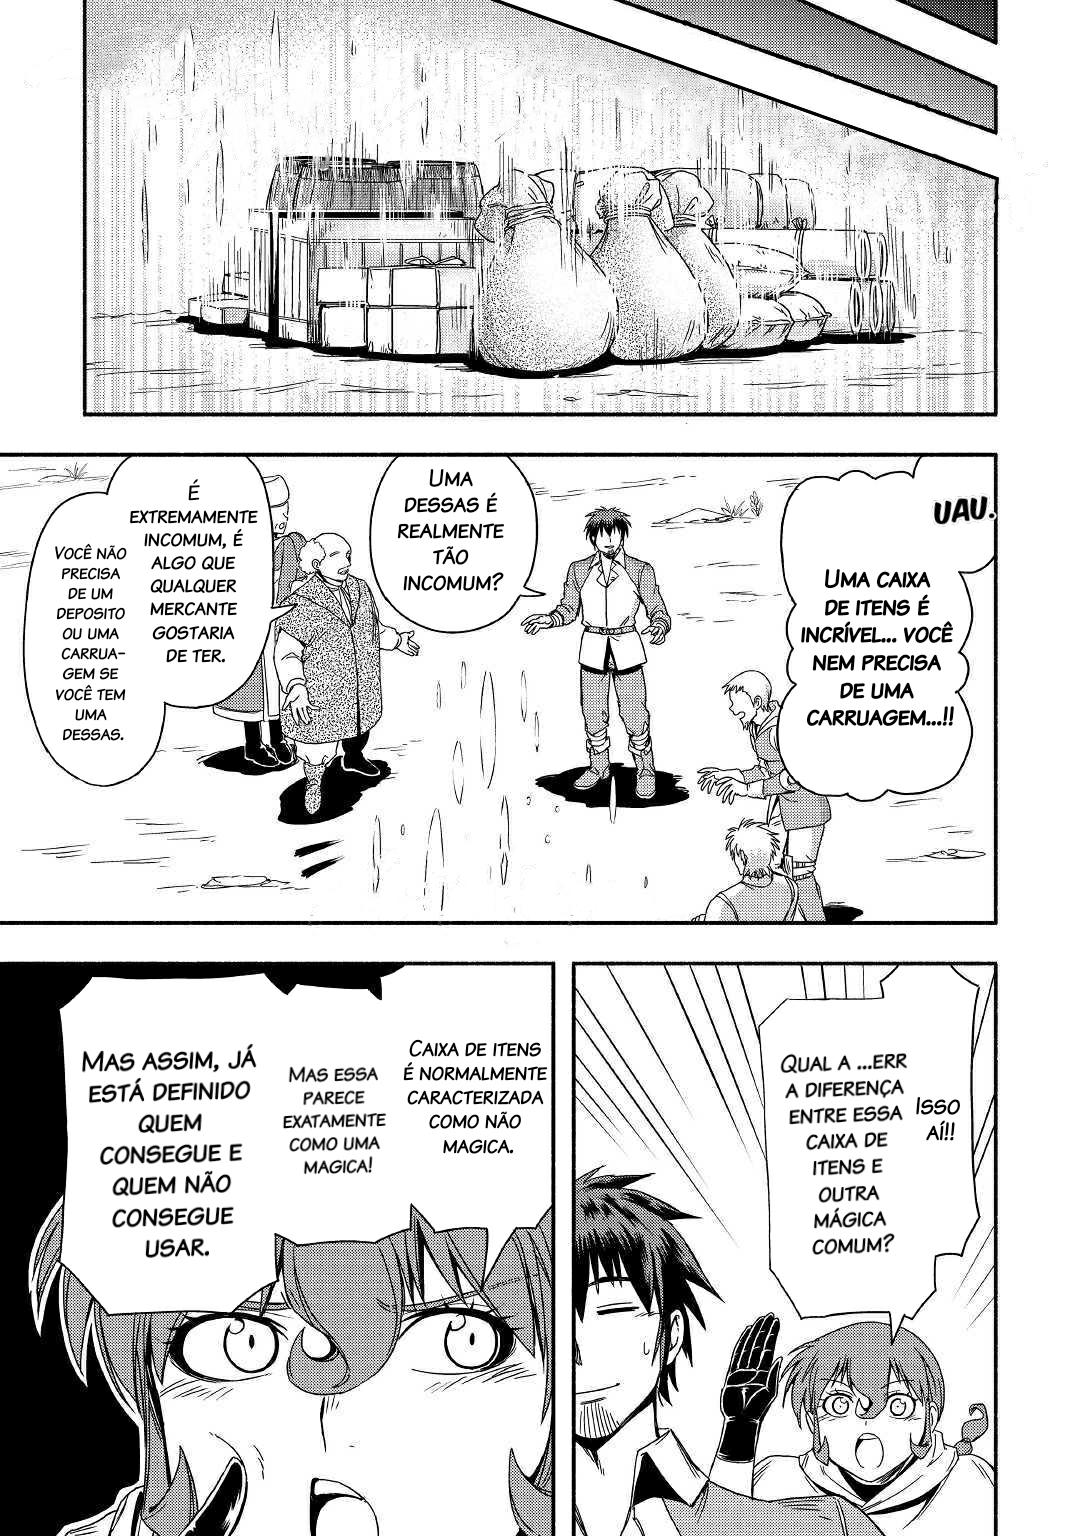 Isekai ni Tobasareta Ossan wa Doko Iku Mangá Capítulo 23